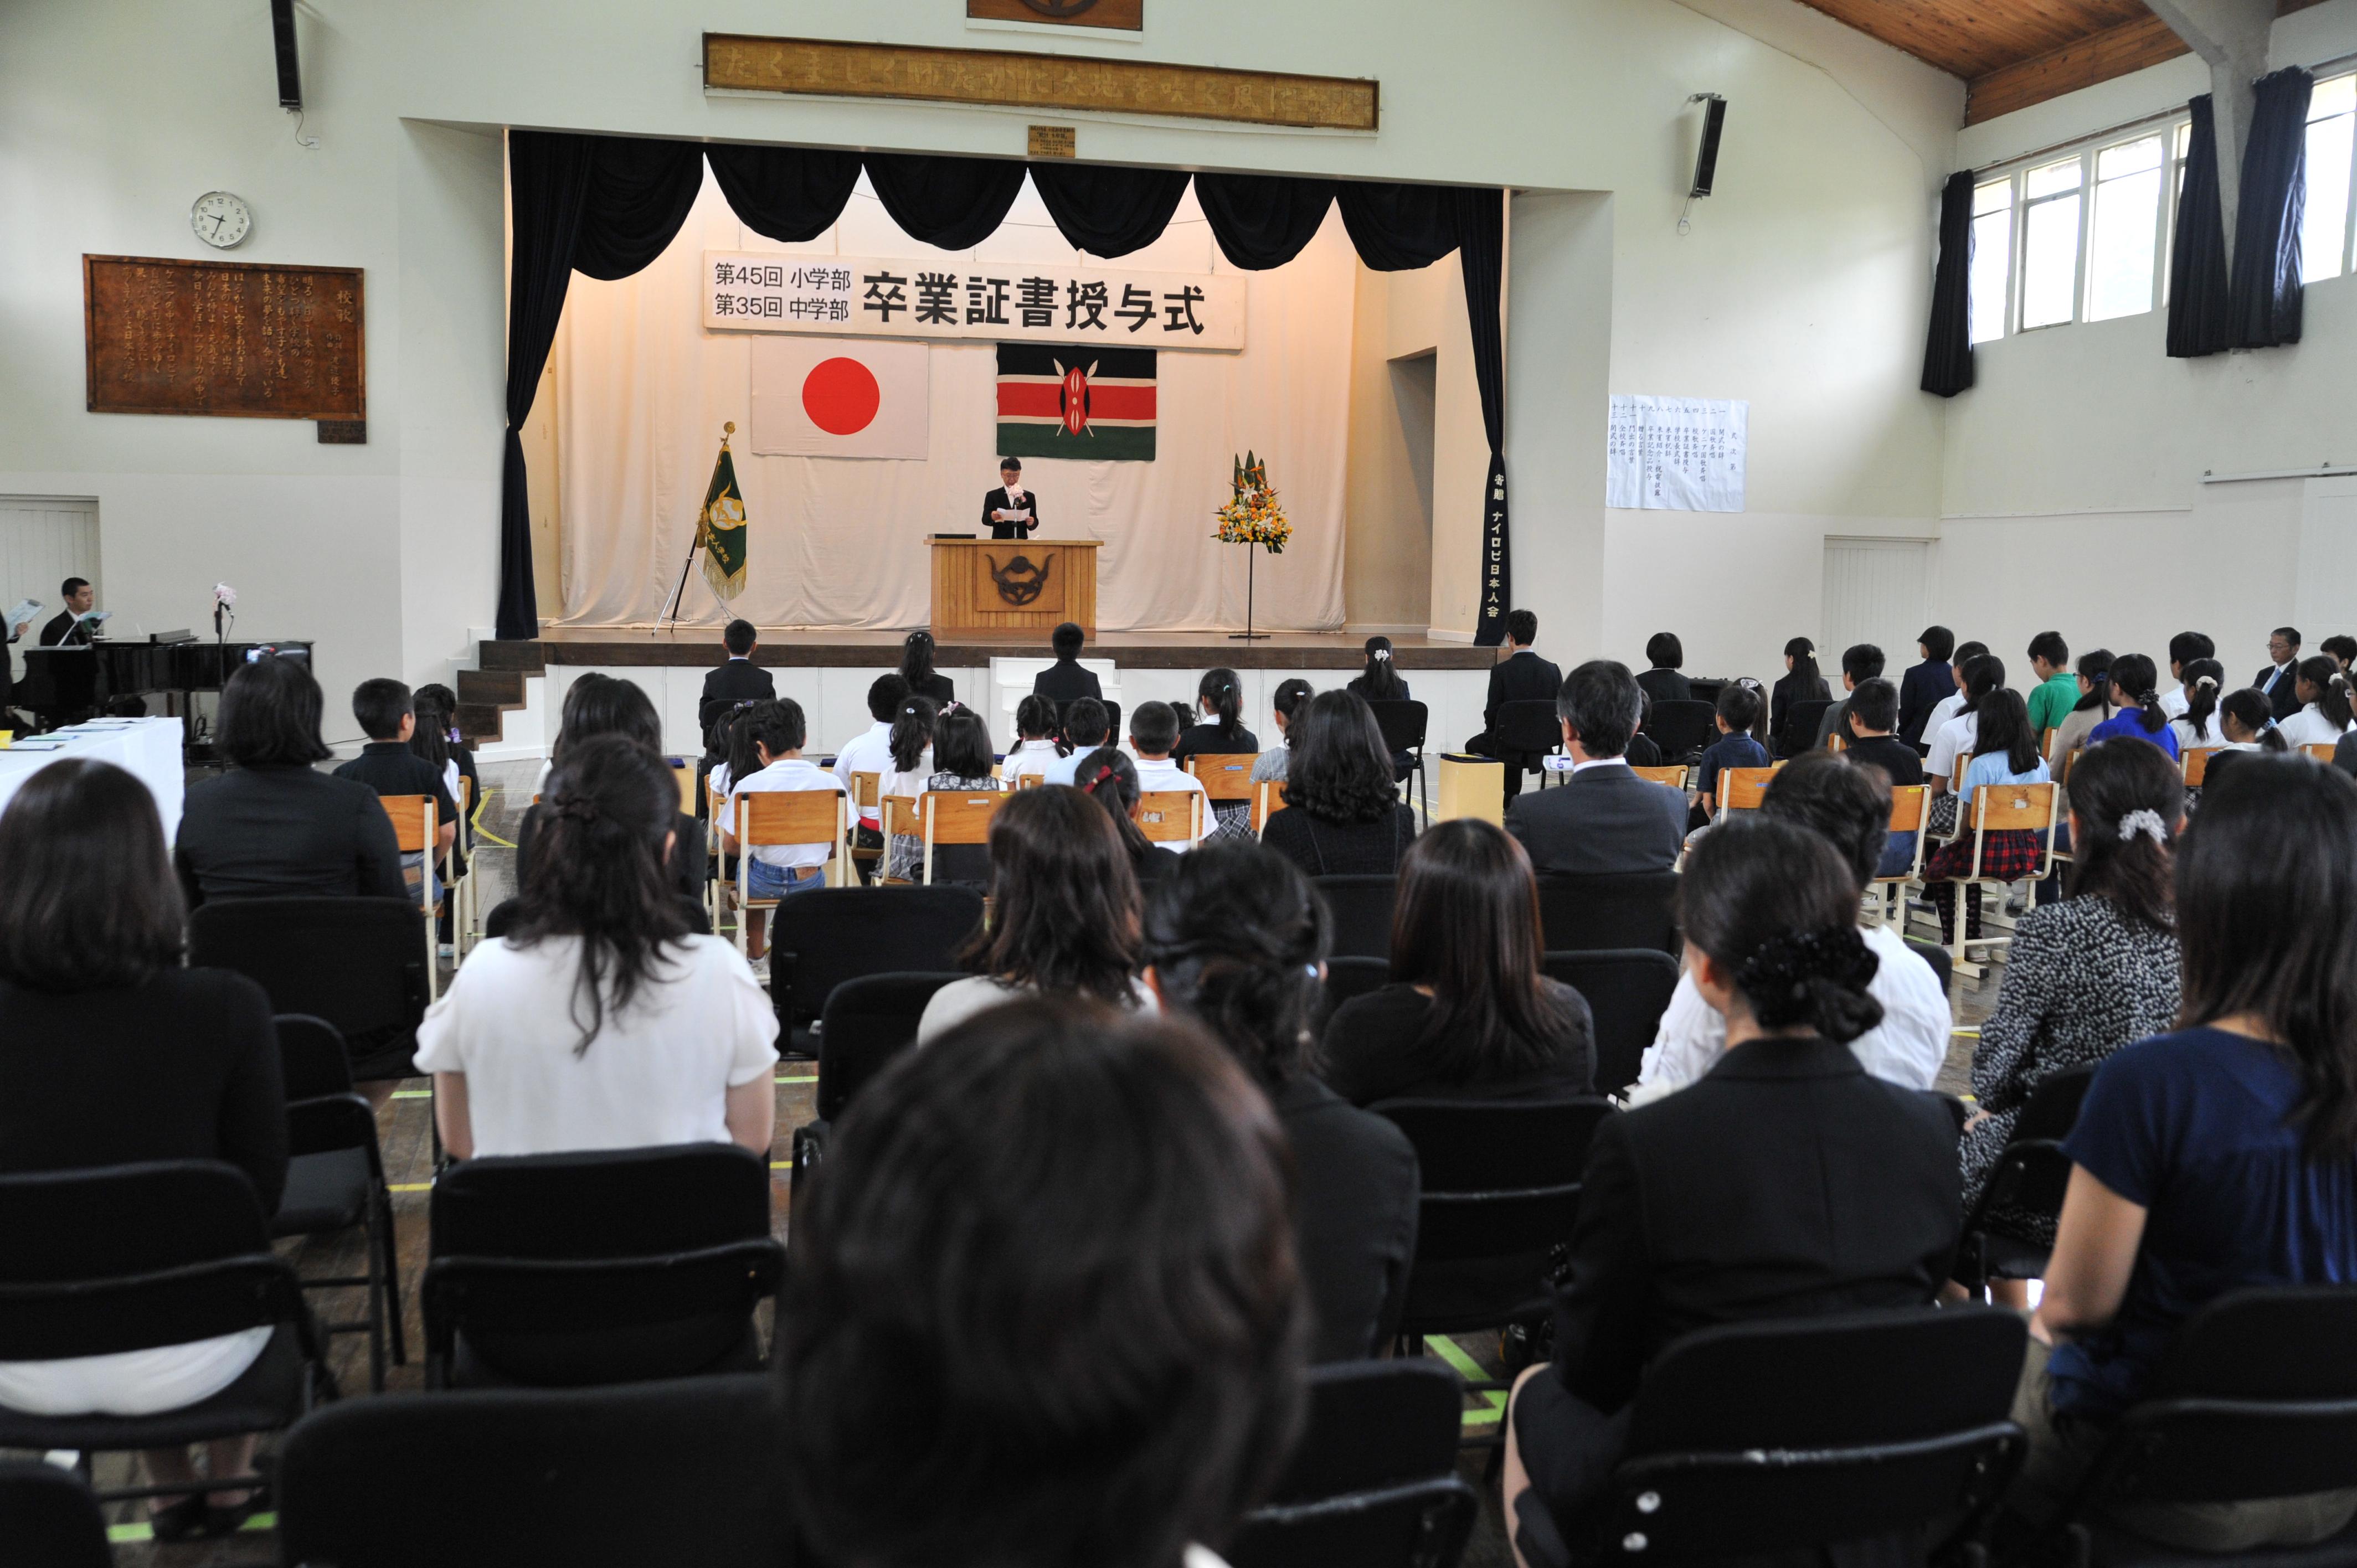 館 大使 ケニア 在 日本